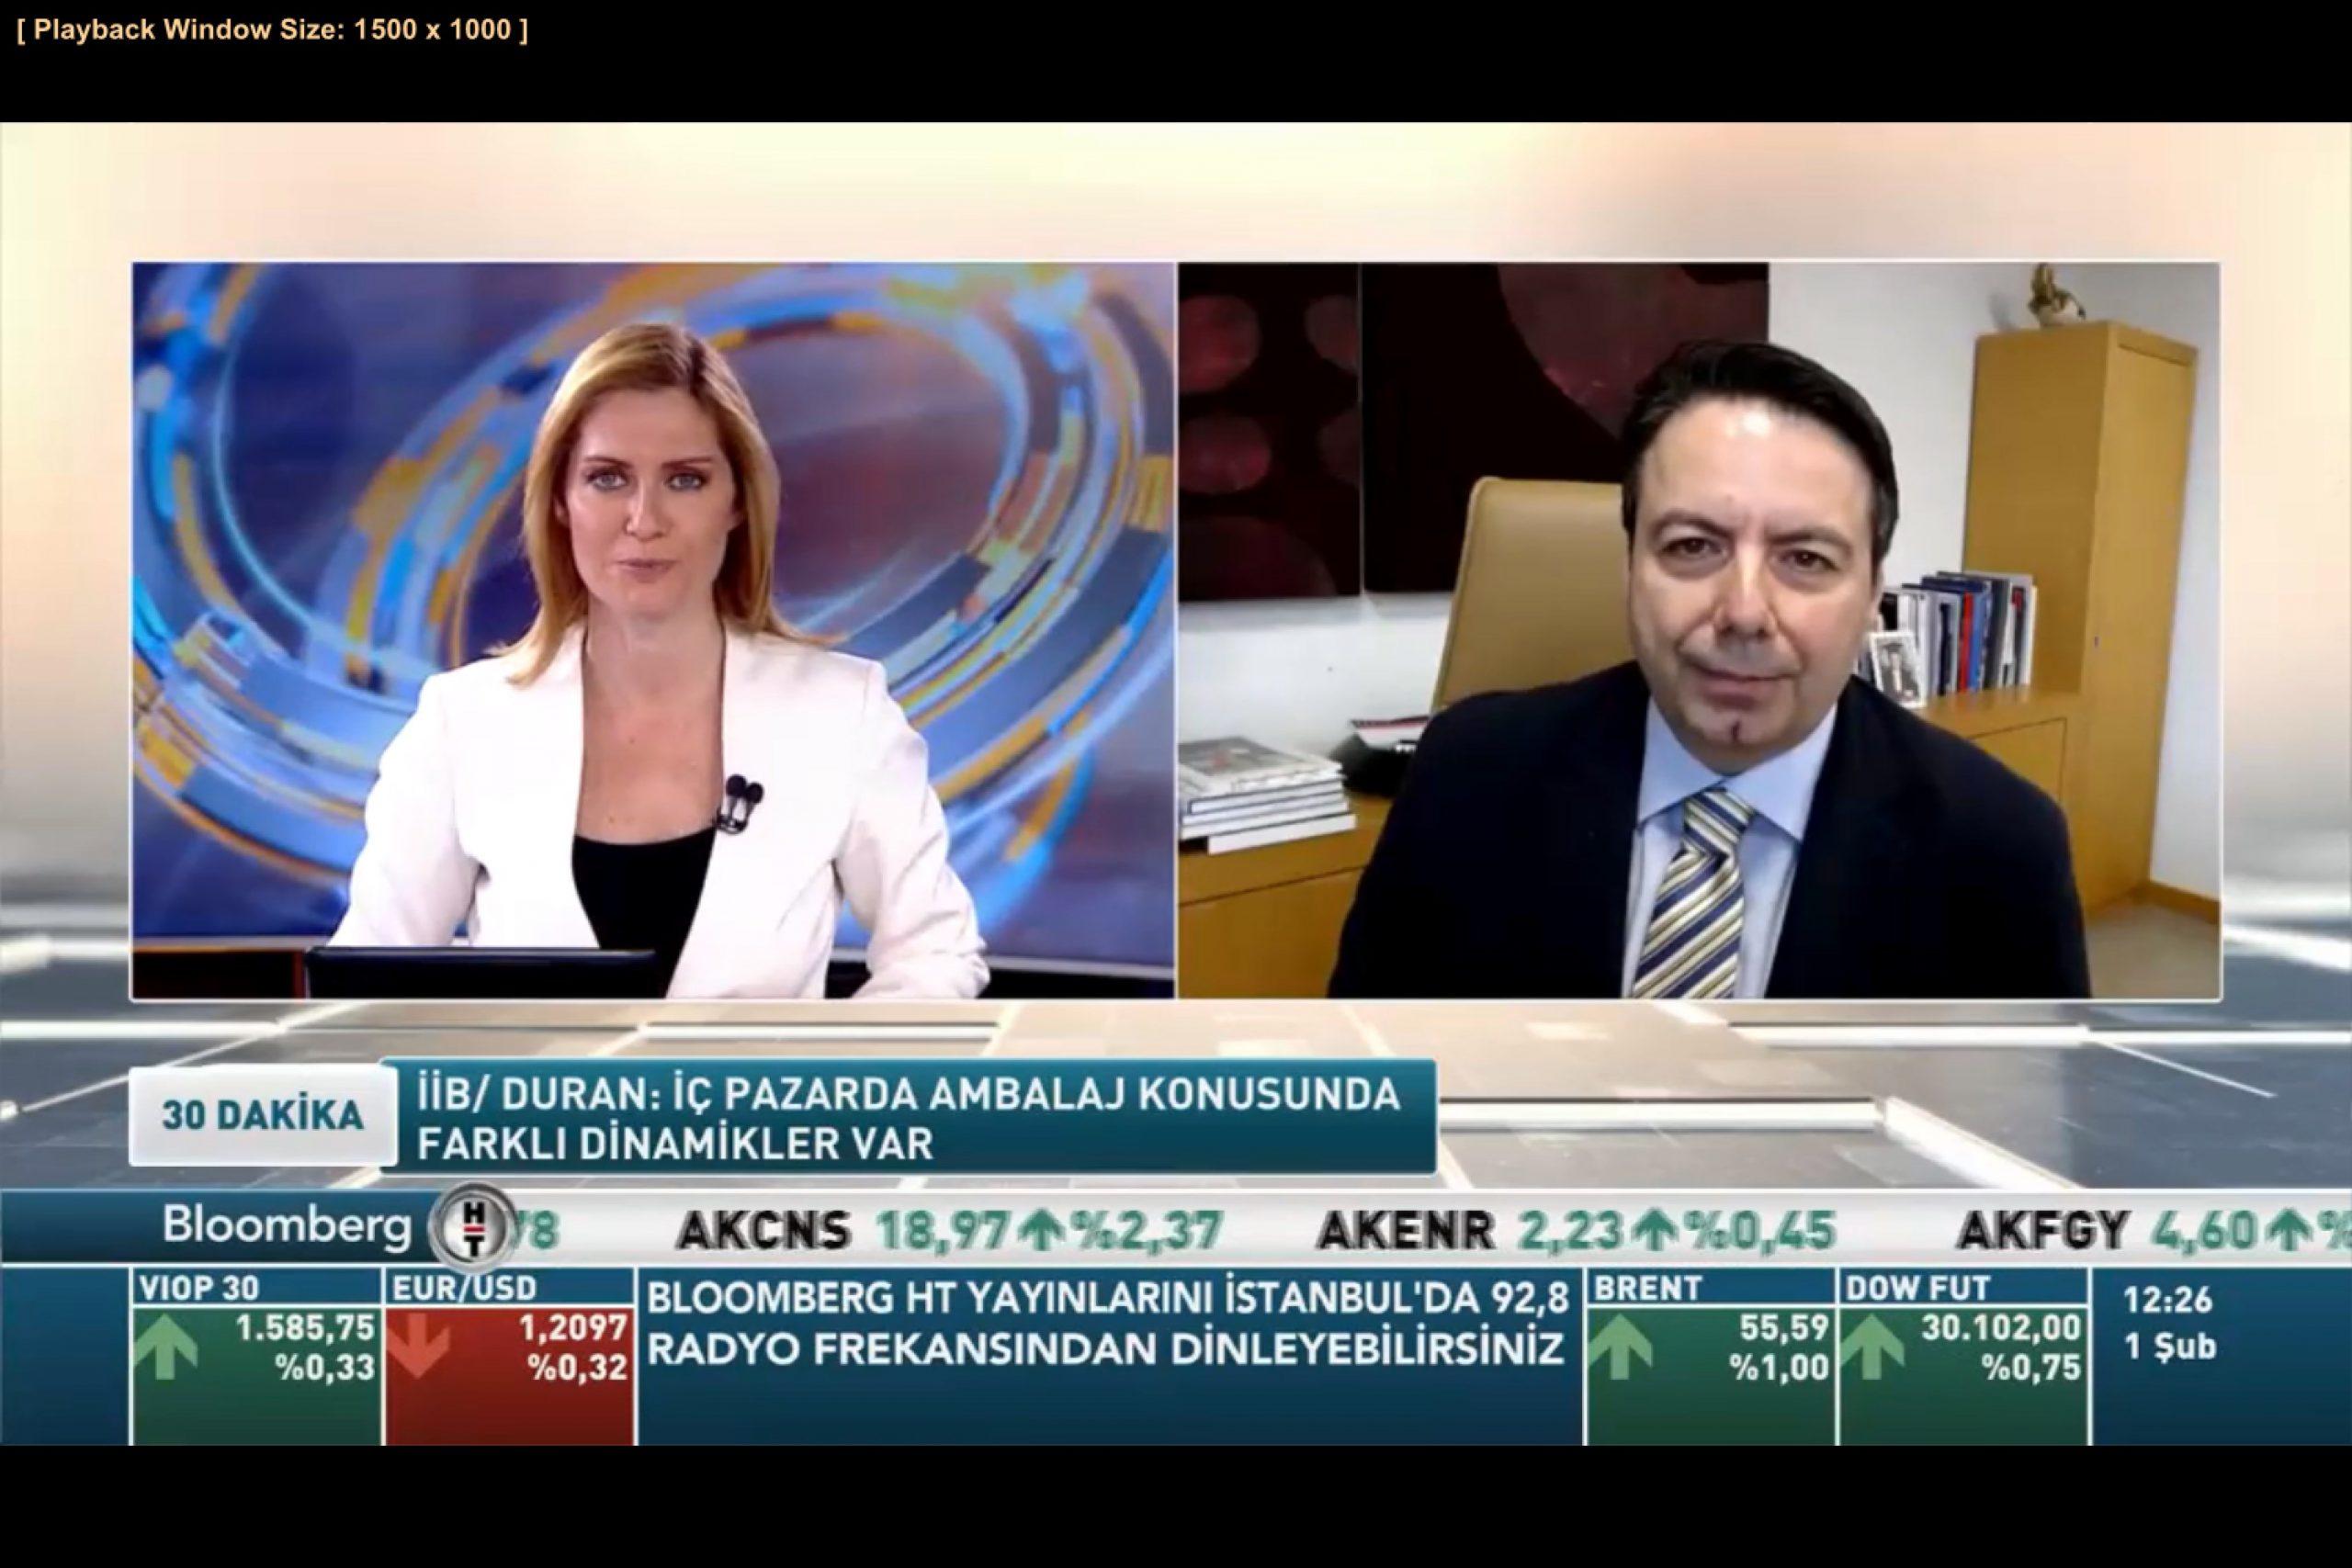 KASAD Başkanı Alican Duran, Bloomberg TV'de Karton Ambalaj İhracatını Değerlendirdi  I 01/02/2021